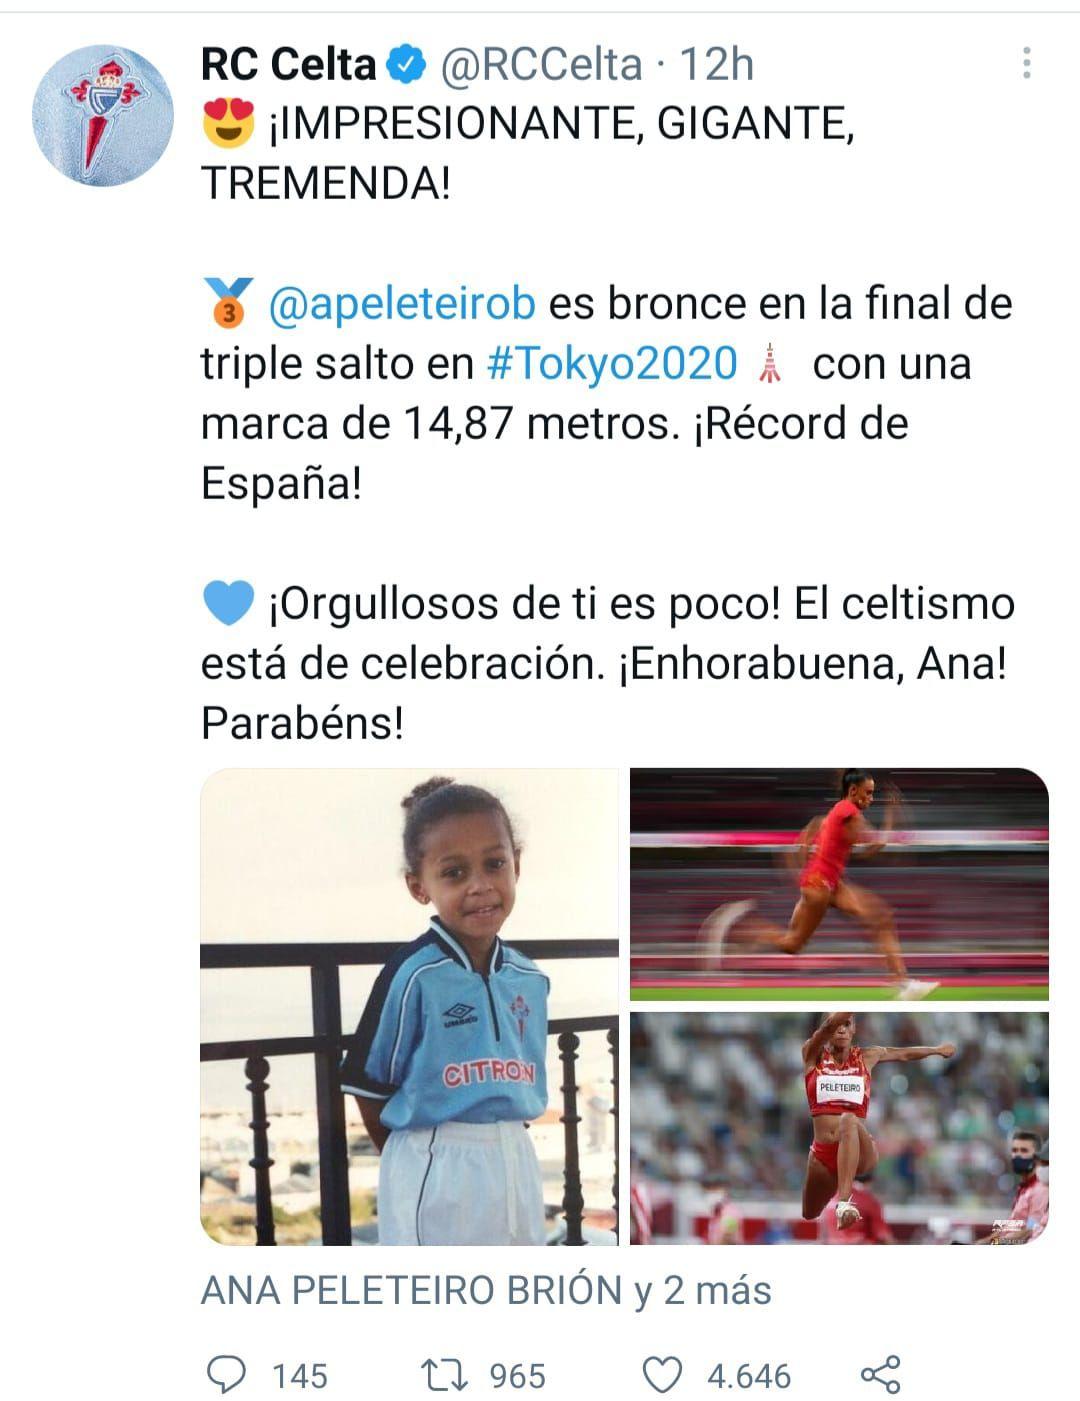 El club de su corazón, el Celta, se sumó al aplauso a través de su perfil de Twitter.